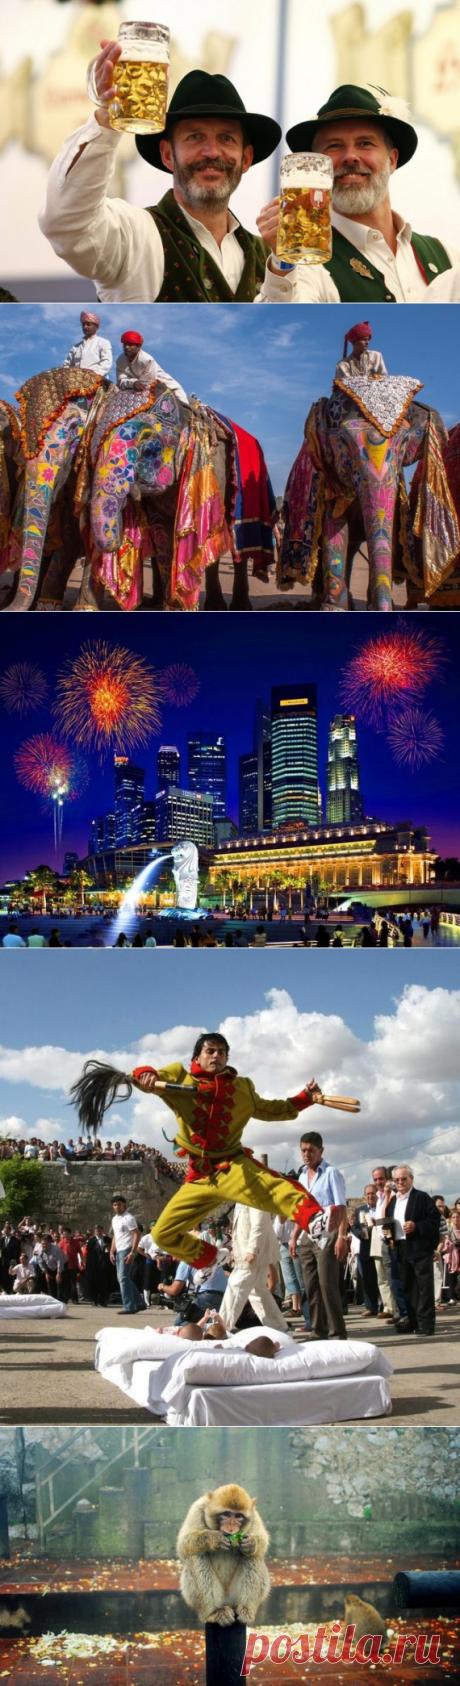 10 самых удивительных фестивалей со всего мира / Туристический спутник